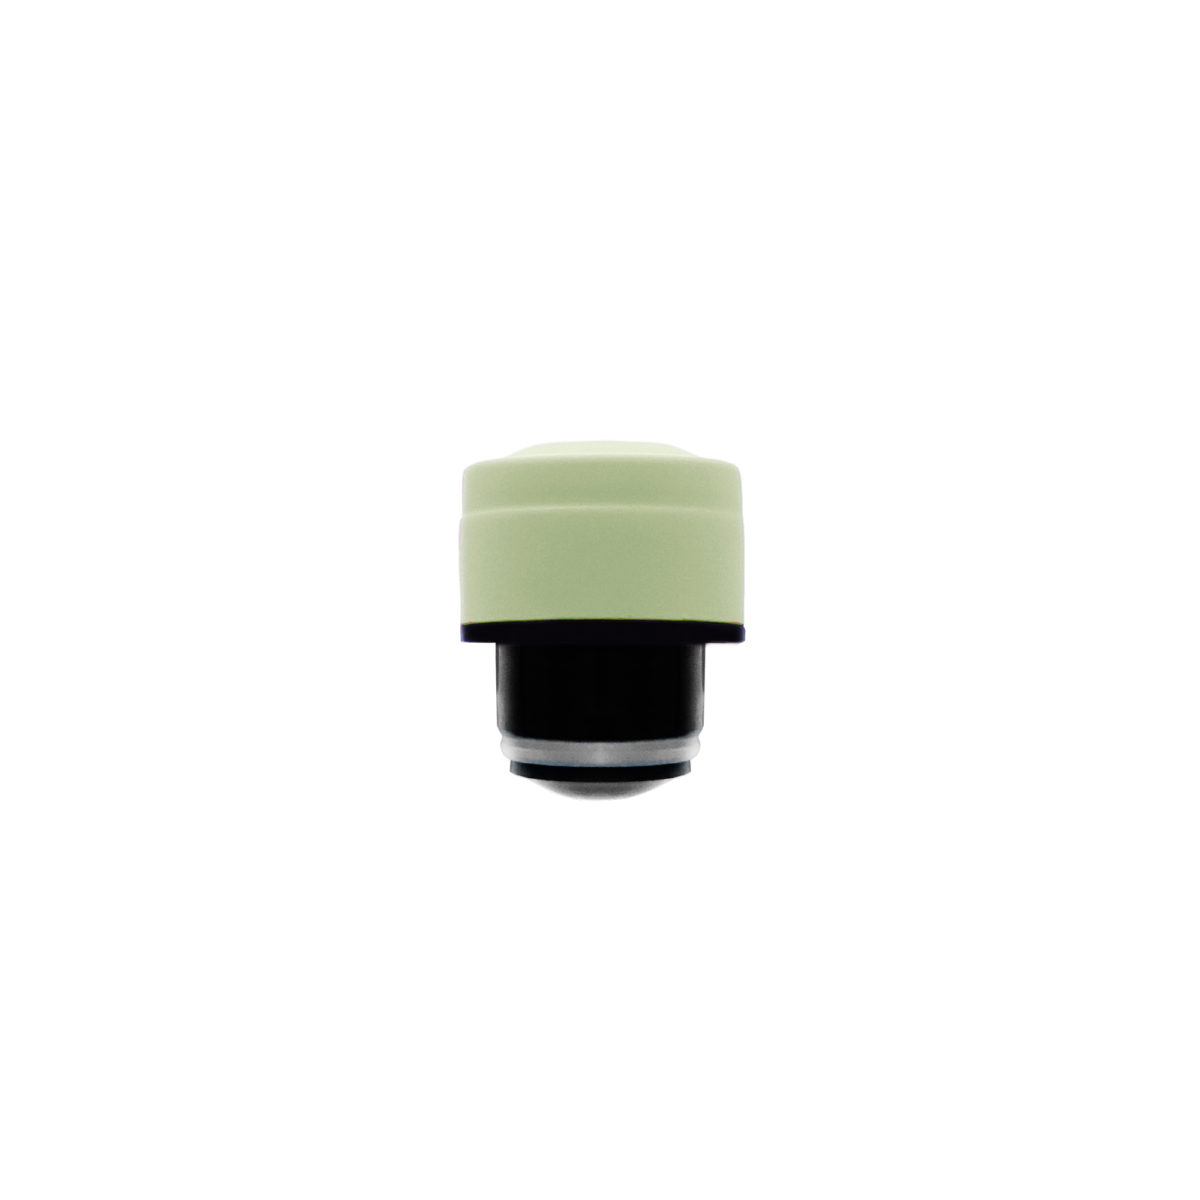 Tú botella de acero inoxidable - Tapón Pastel Green 1